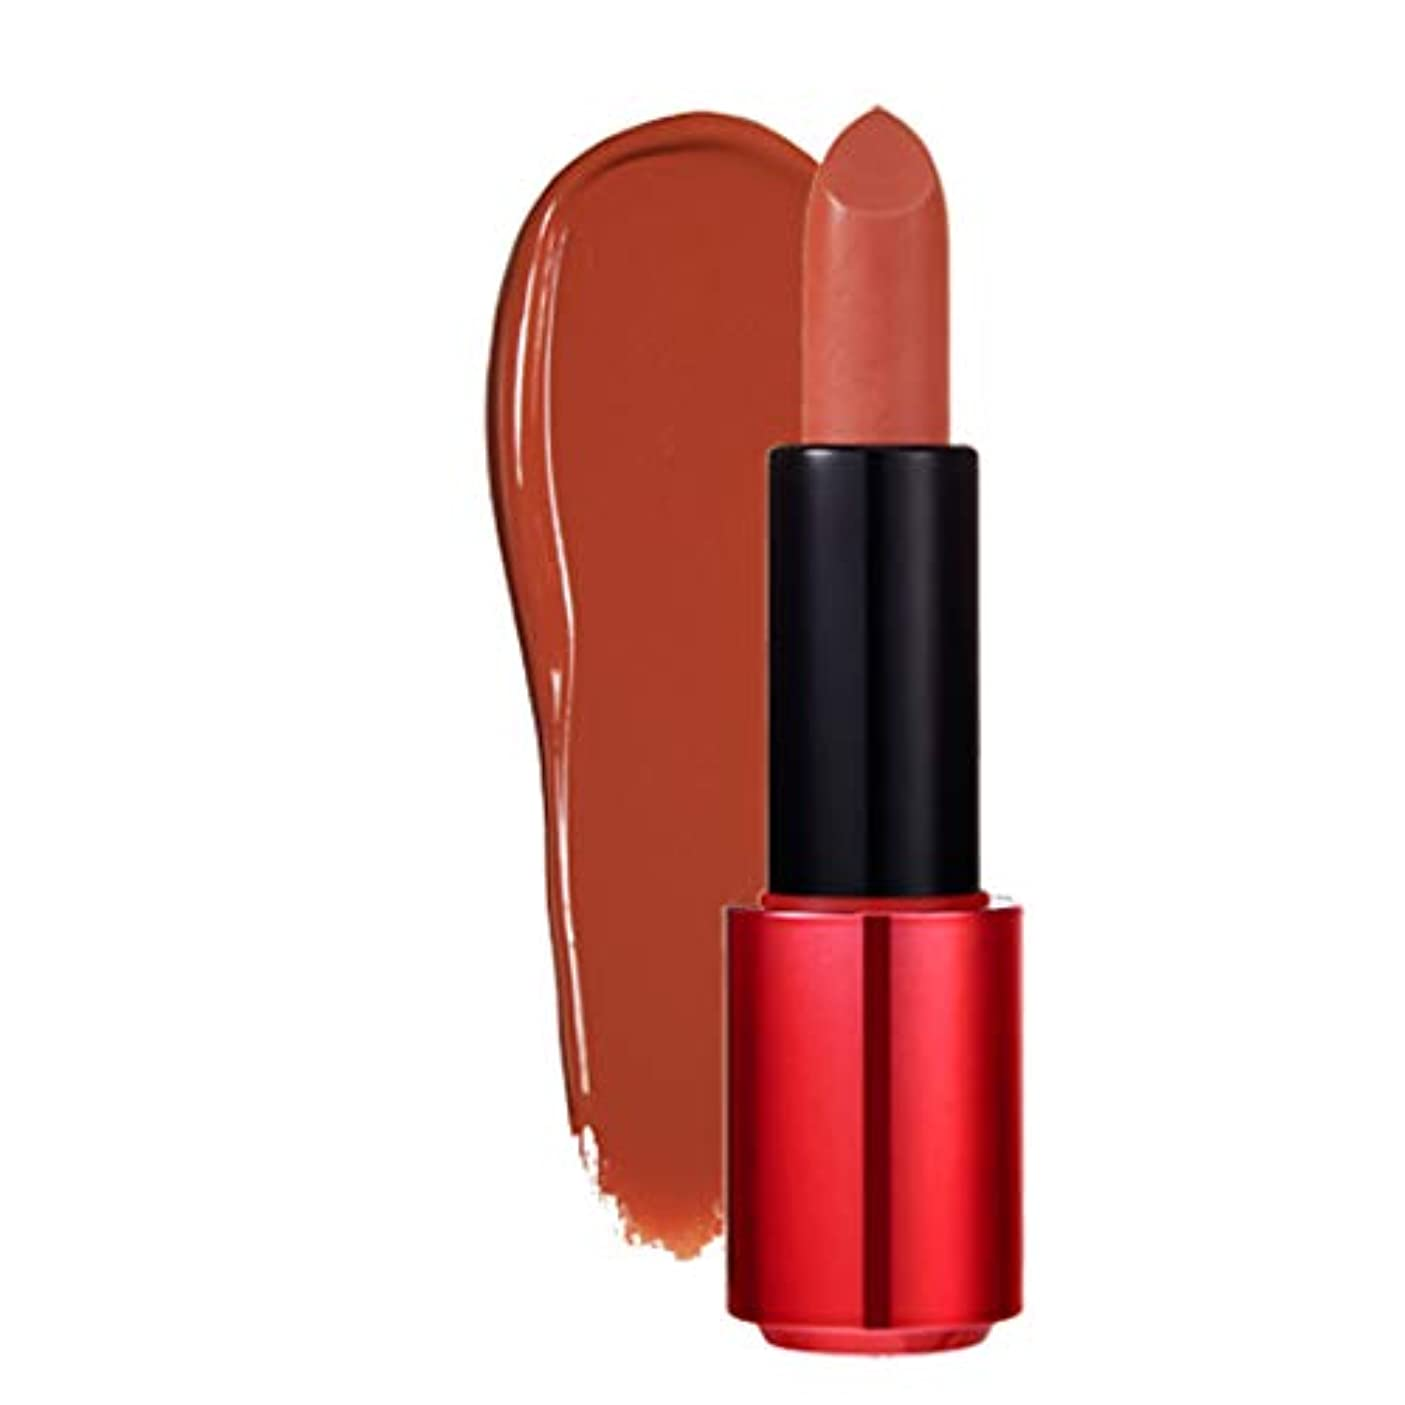 付けるスペース差別的エチュードハウス ルドルフ ベター リップス - トーク Etude House Rudolph, Coming To Town Better Lips Talk (#OR204 オレンジブラックティー(Orange black...